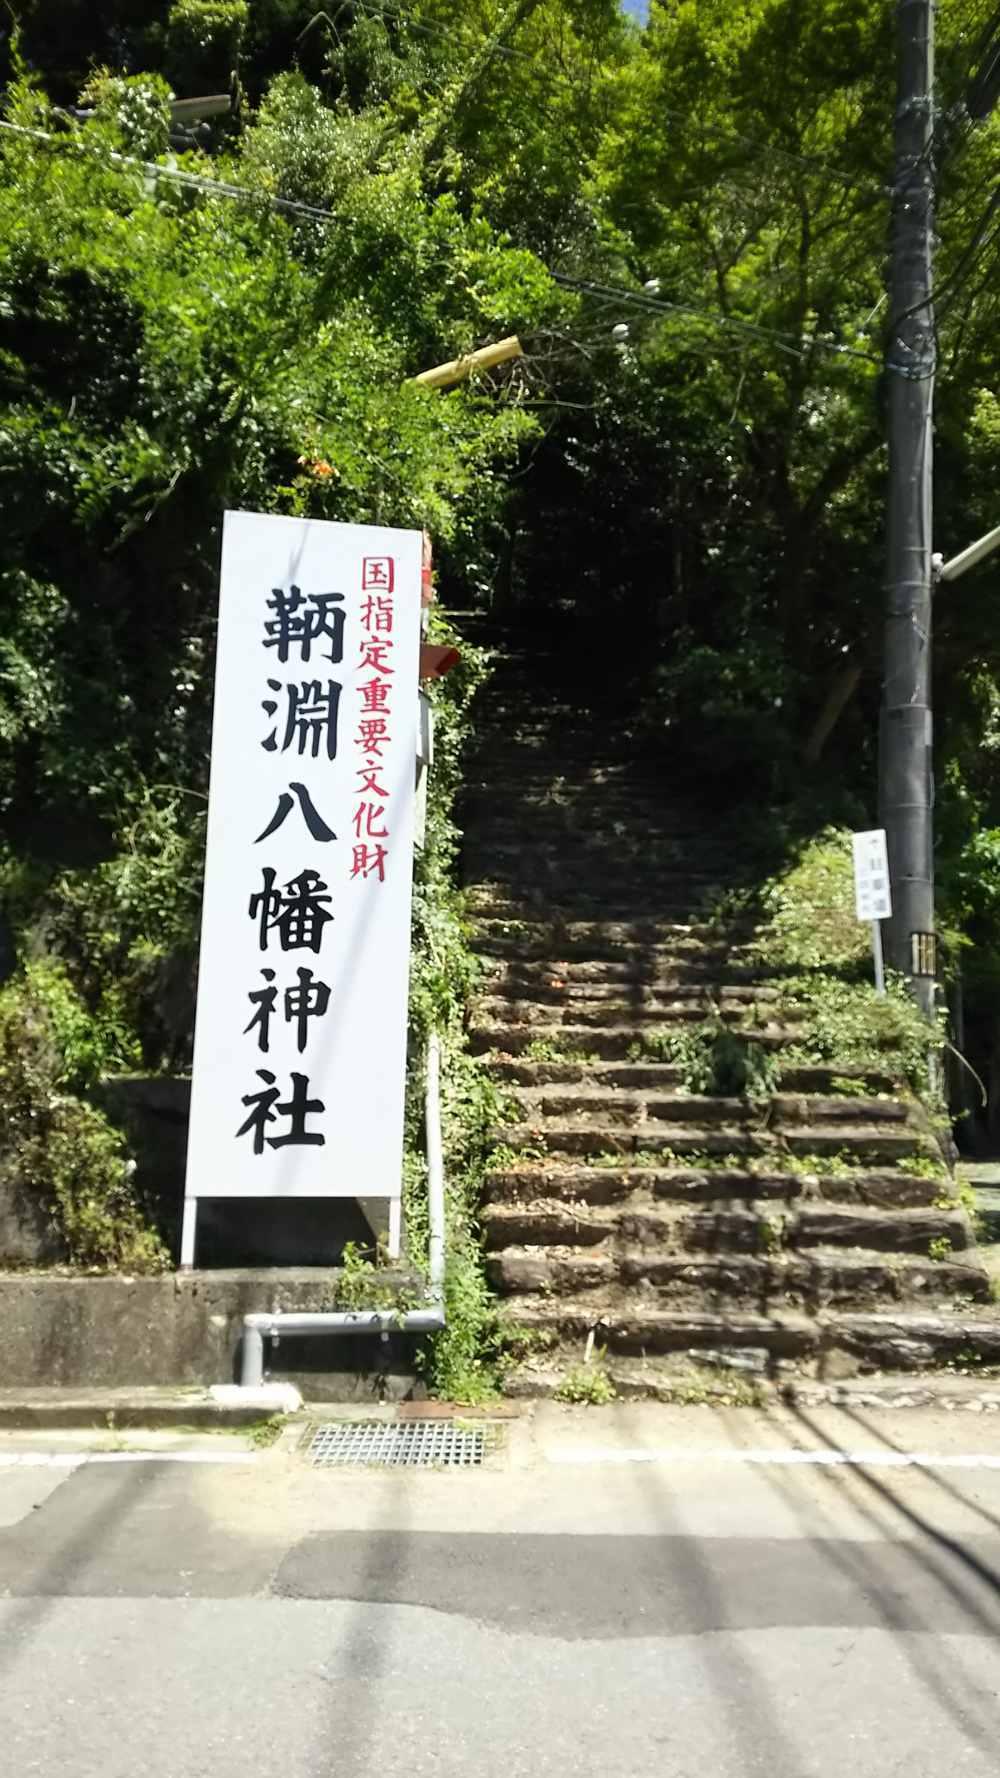 鞆淵八幡神社: 紀伊路歴史旅